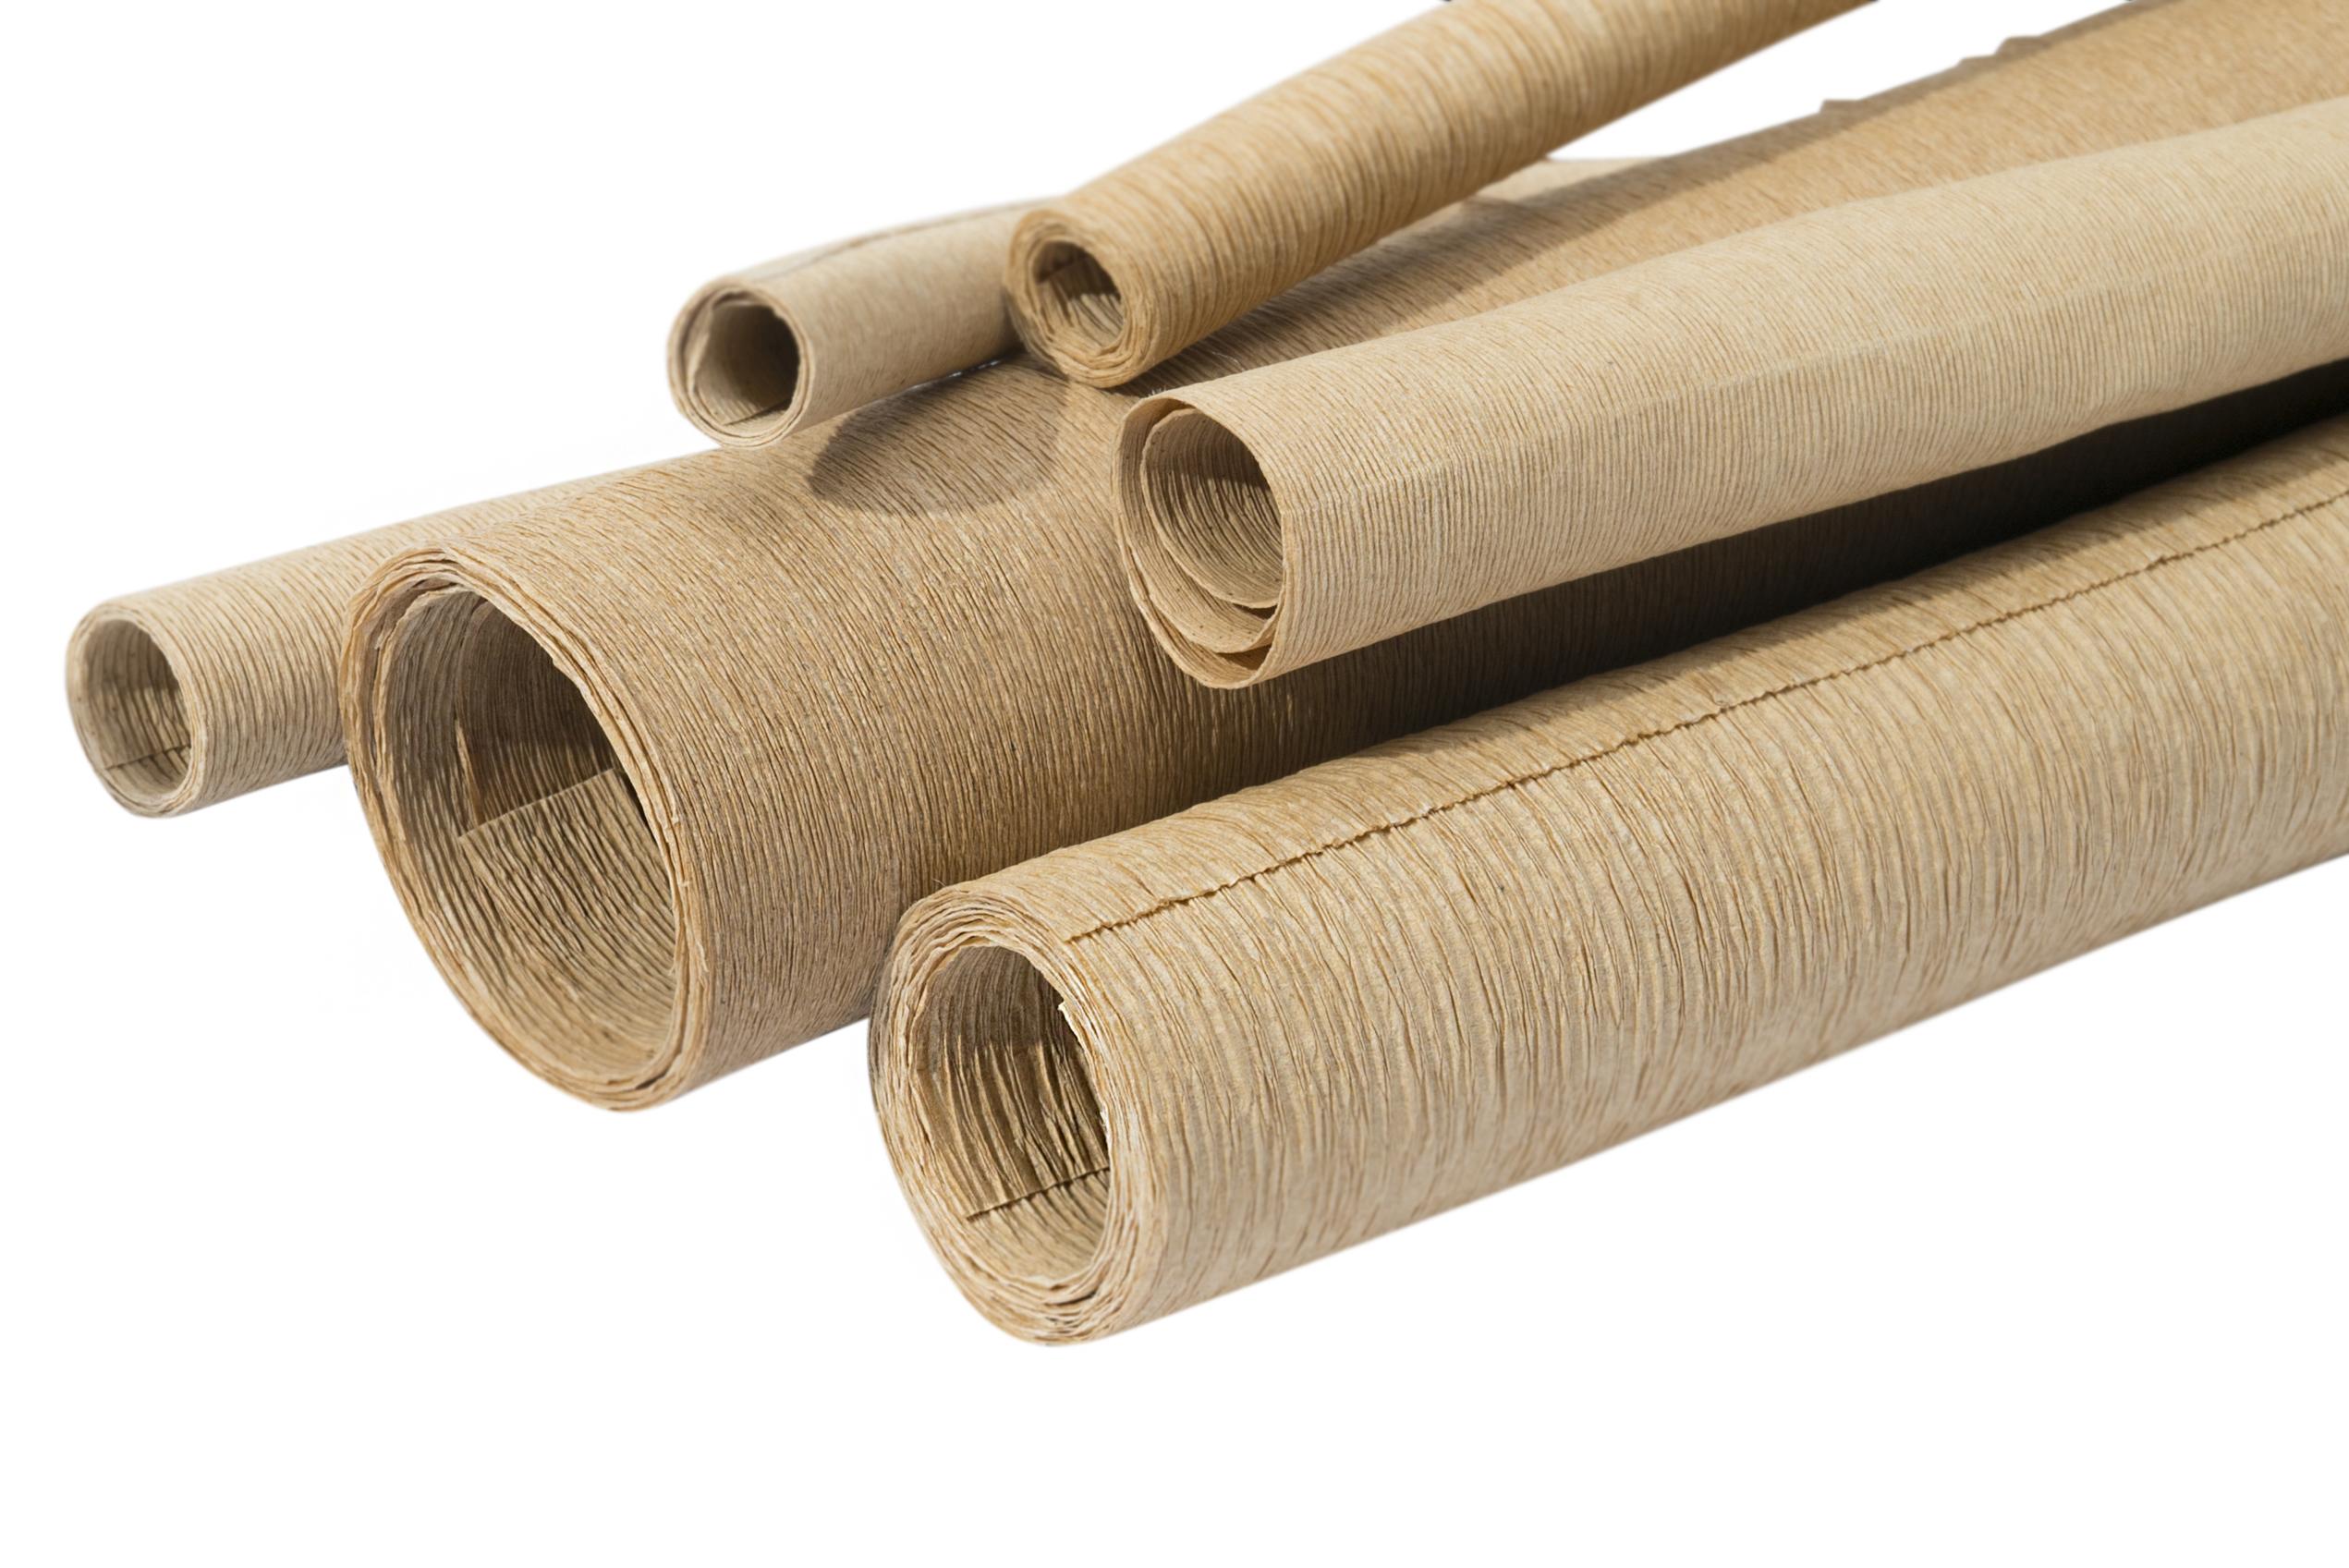 Cellulose materials